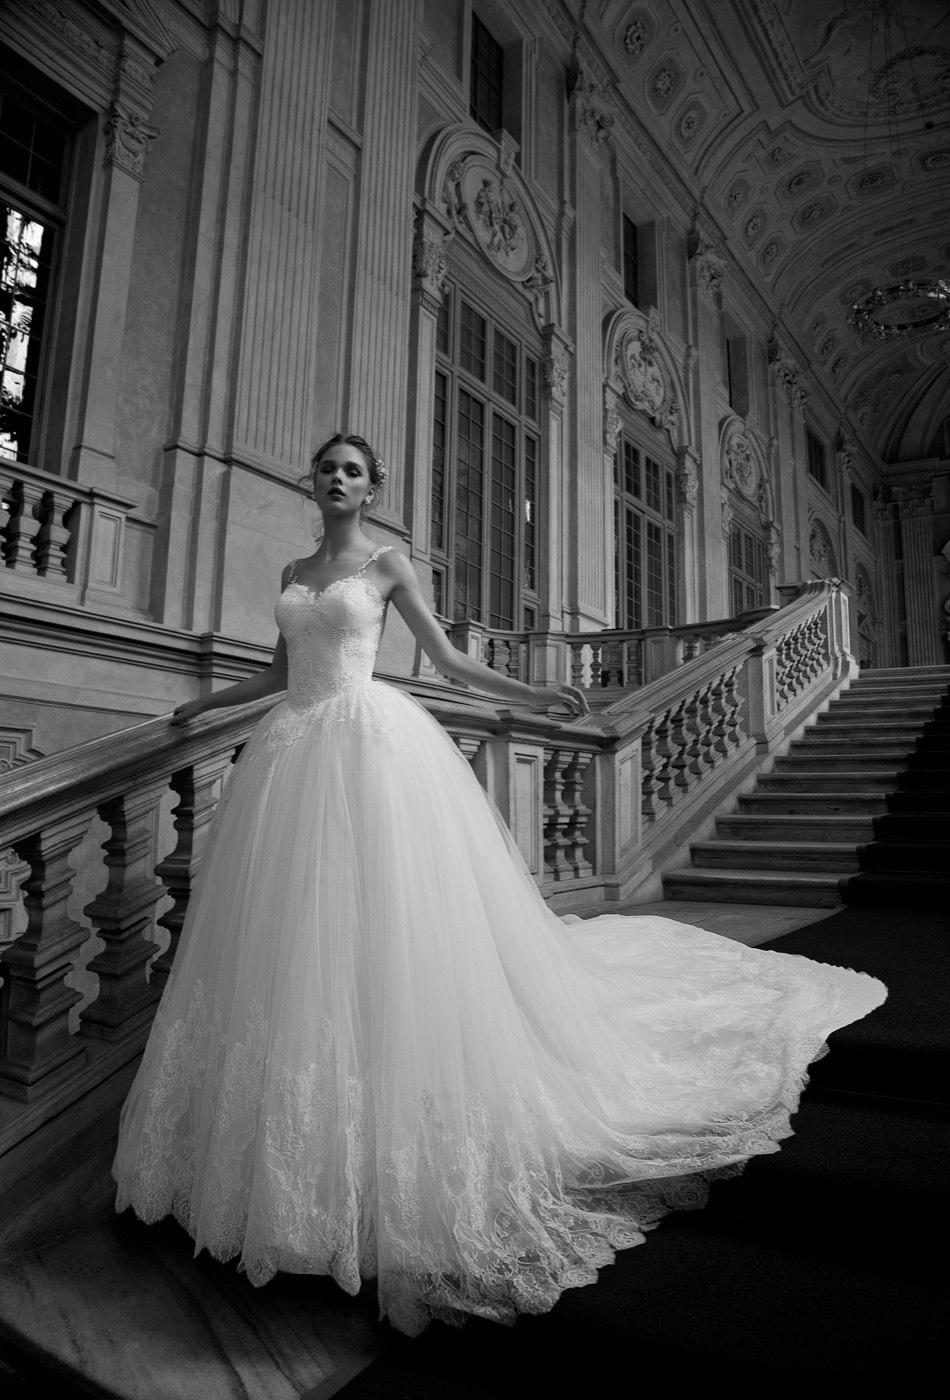 1b9b6d41a66a Nicole Spose collezione Alessandra Rinaudo 2016 abiti sposa (69). Published  on 2 Agosto 2015 ...